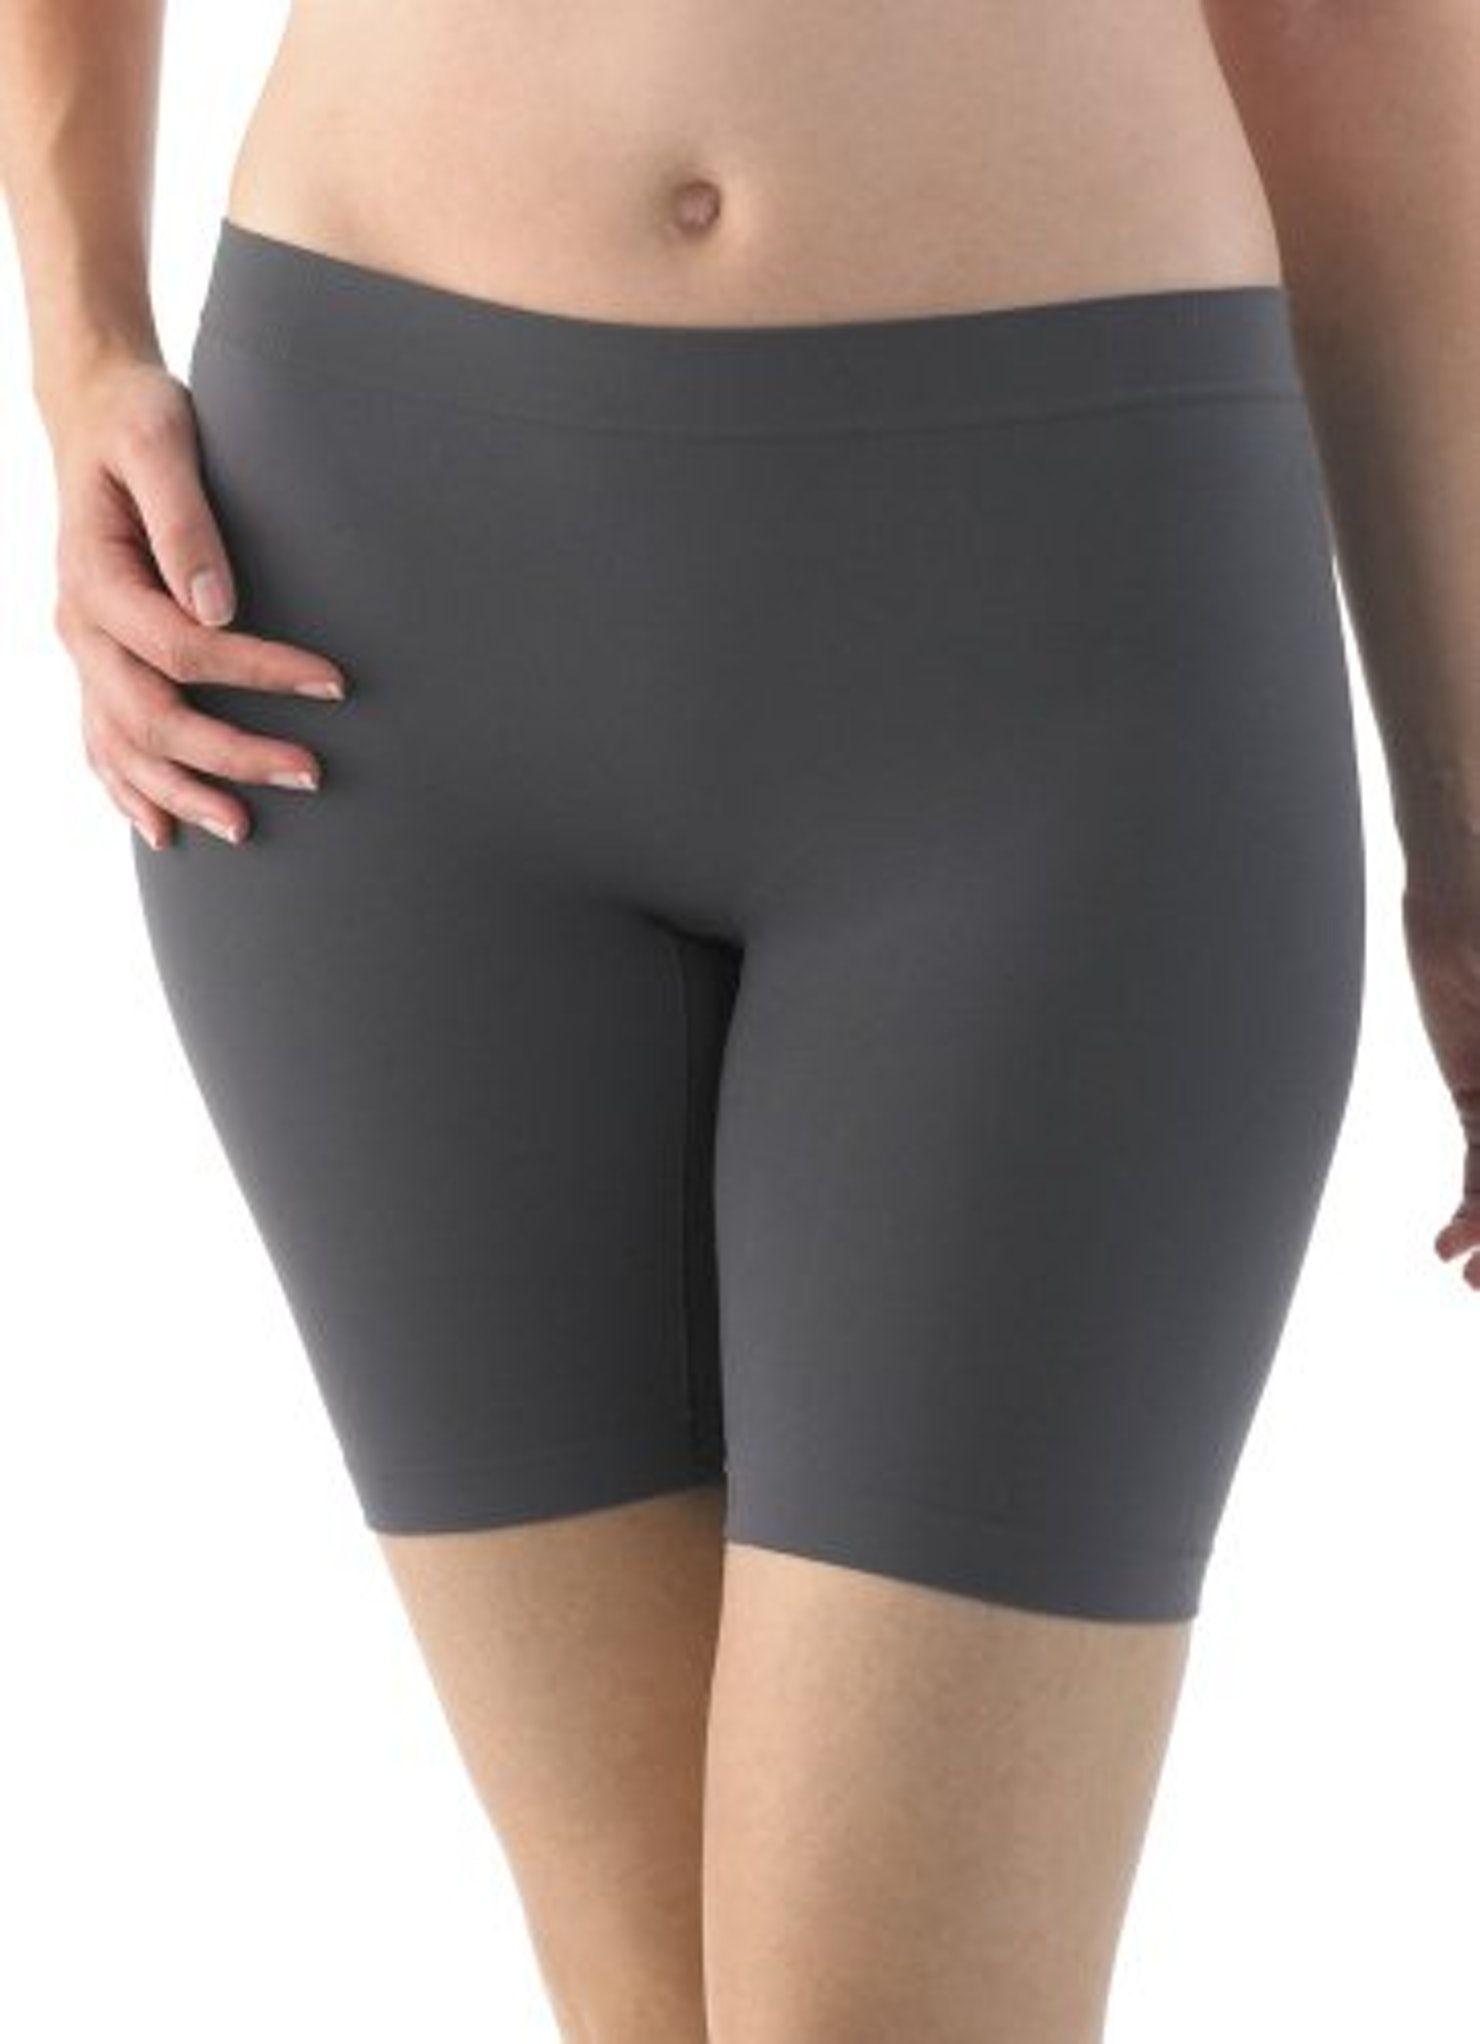 Panties Under Dresses Jpg